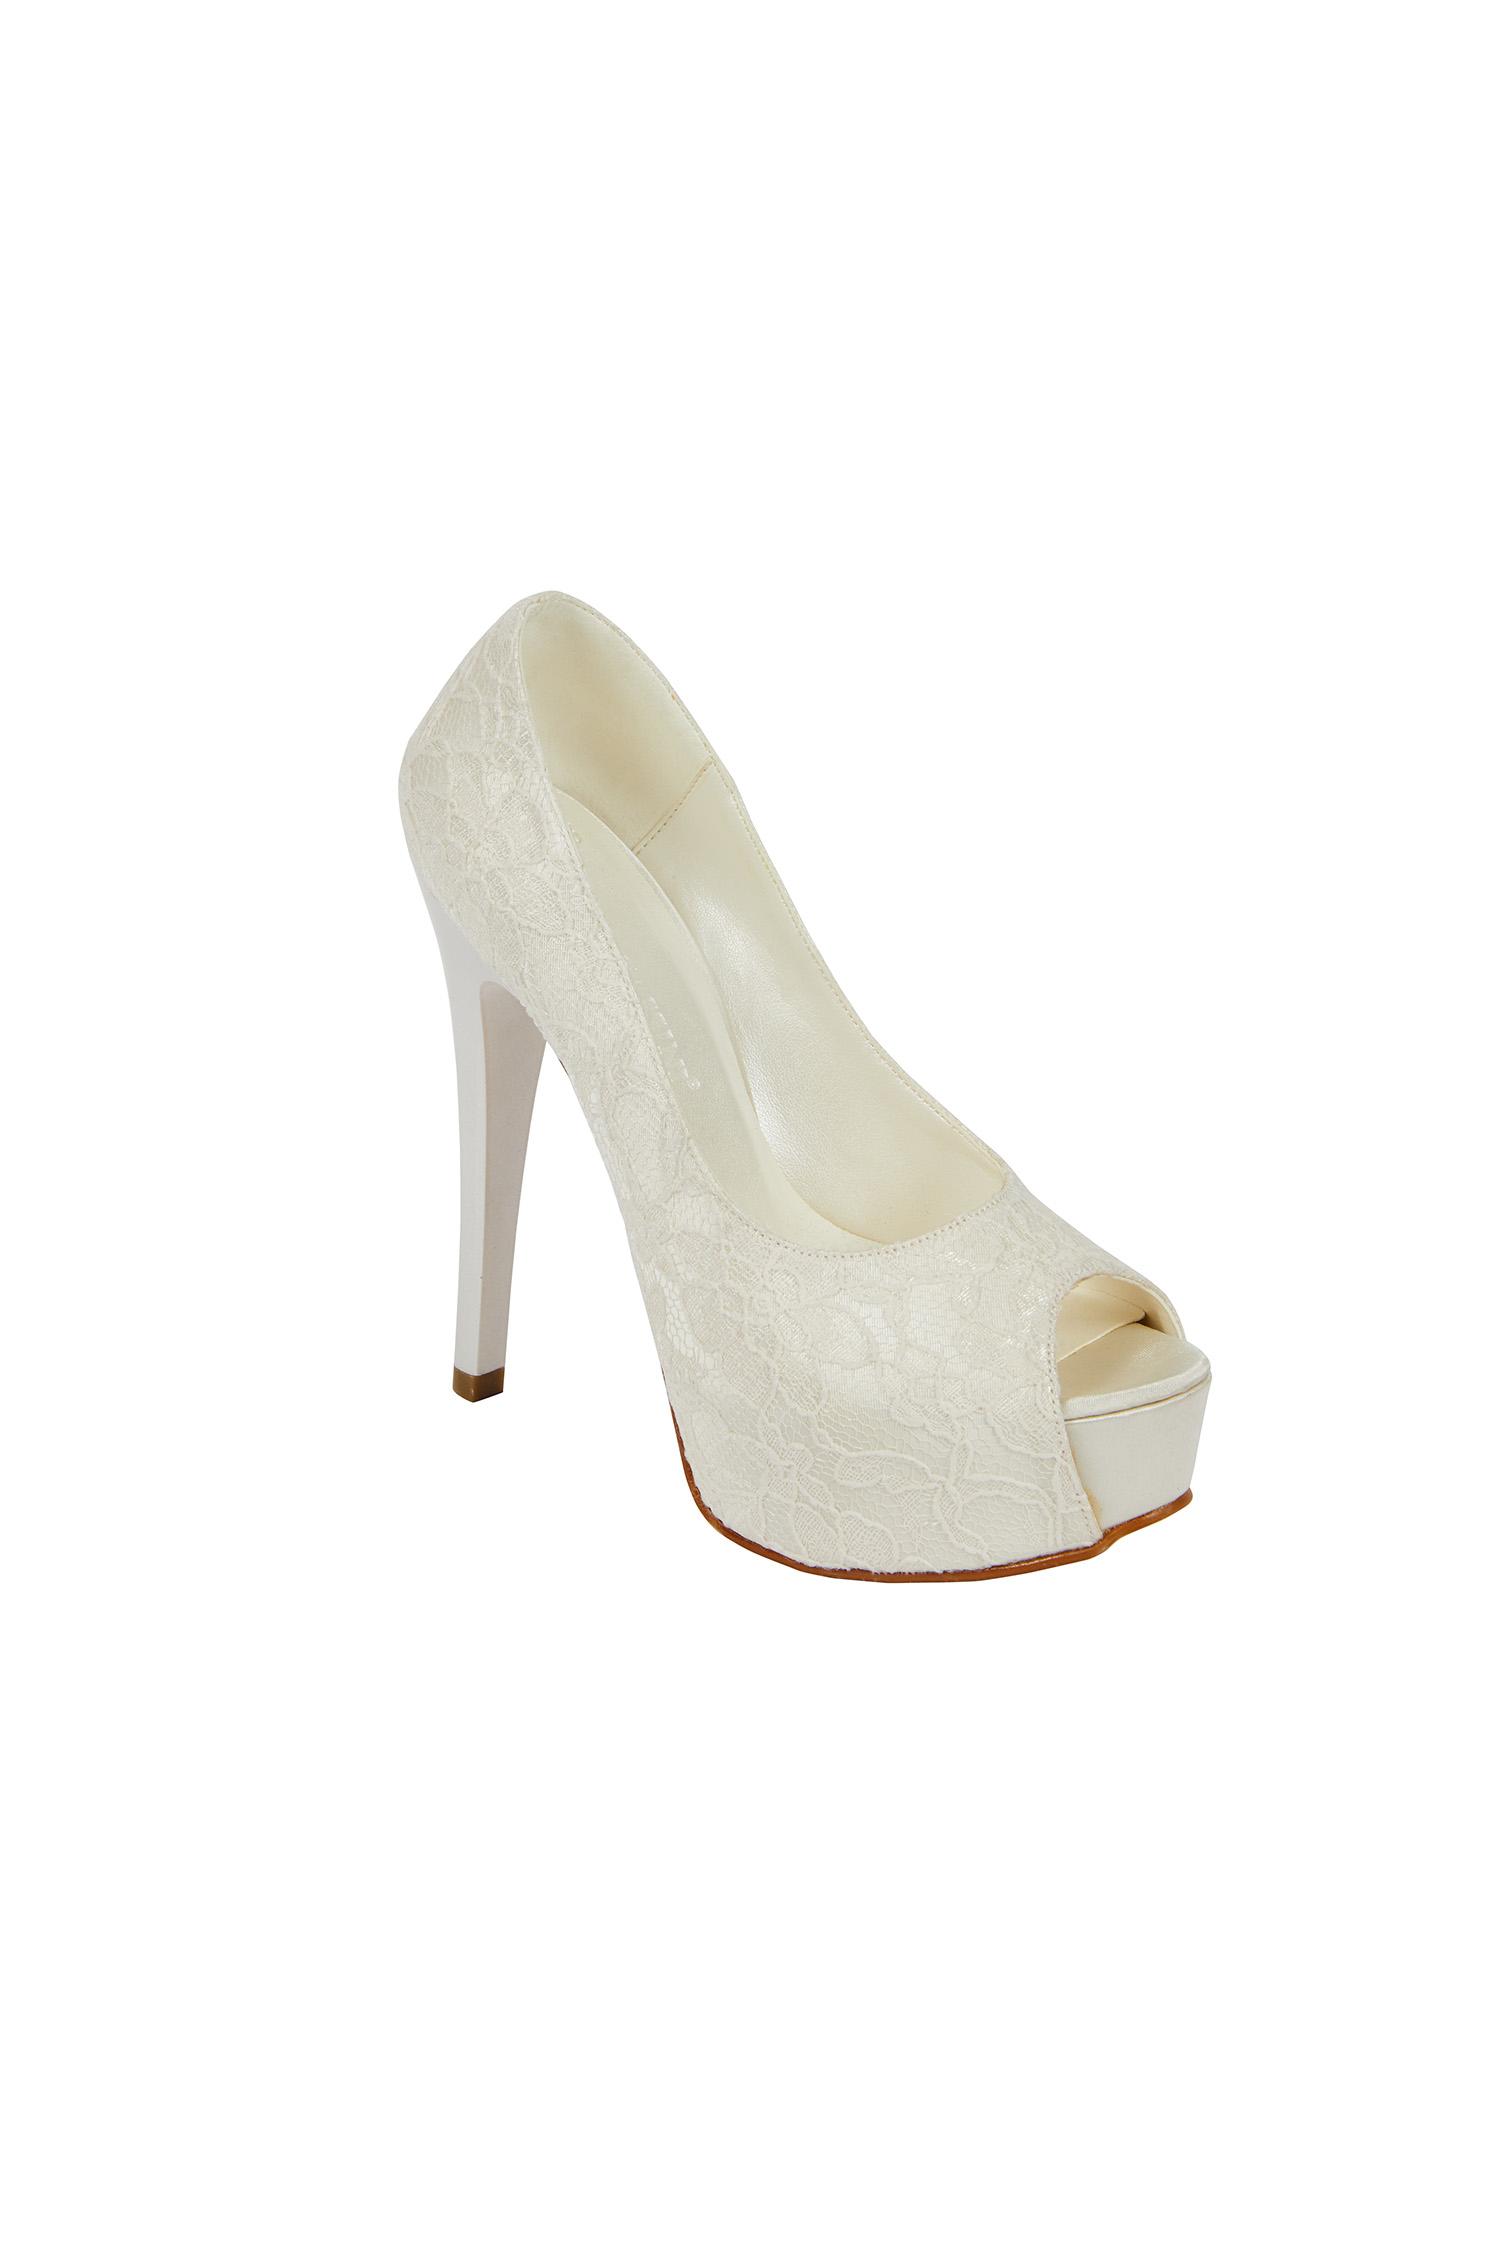 Dantel Kaplamalı Kırık Beyaz Gelin Ayakkabısı